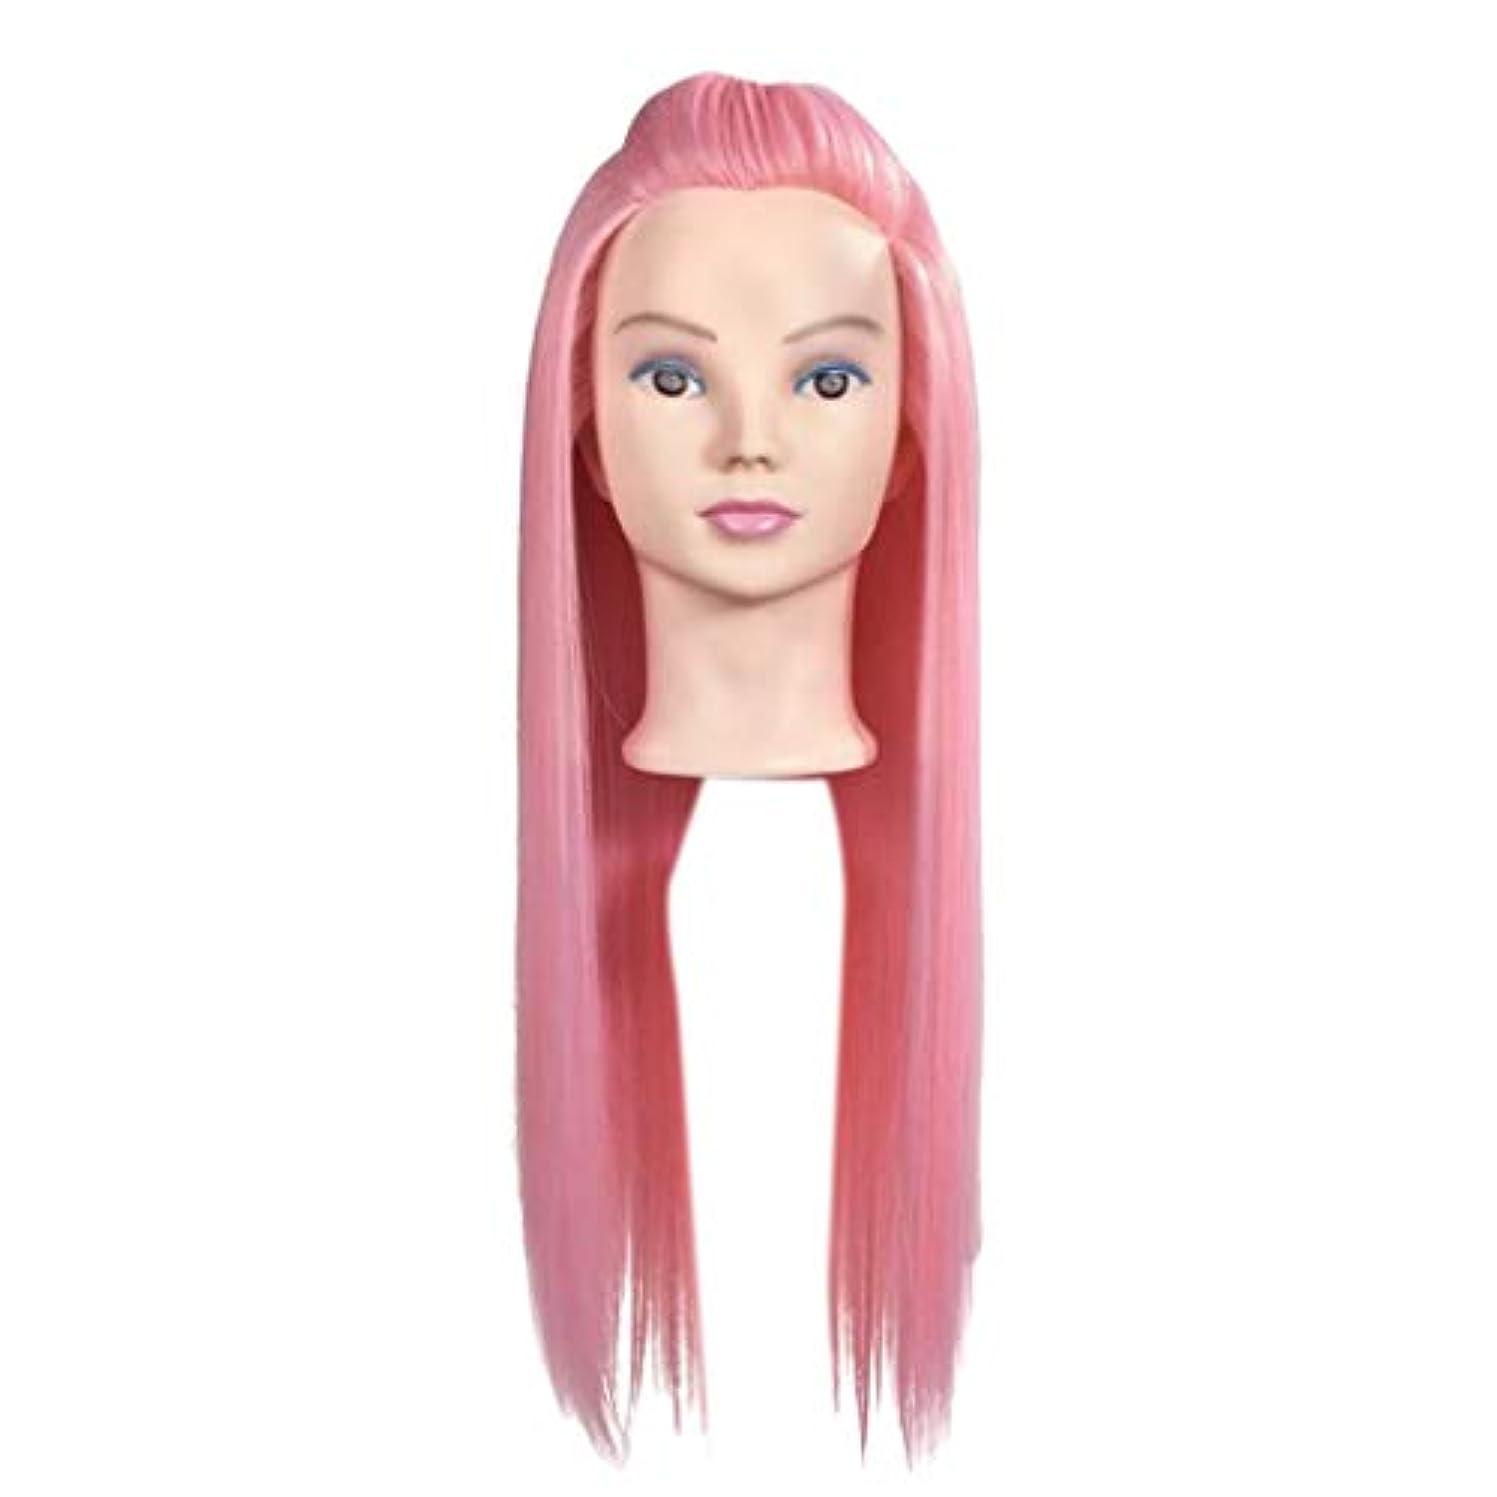 リラックス歴史的衝撃Toygogo 23インチピンク美容化粧顔マネキンマネキンヘッド髪、サロンスタイリング練習組紐人形頭合成髪